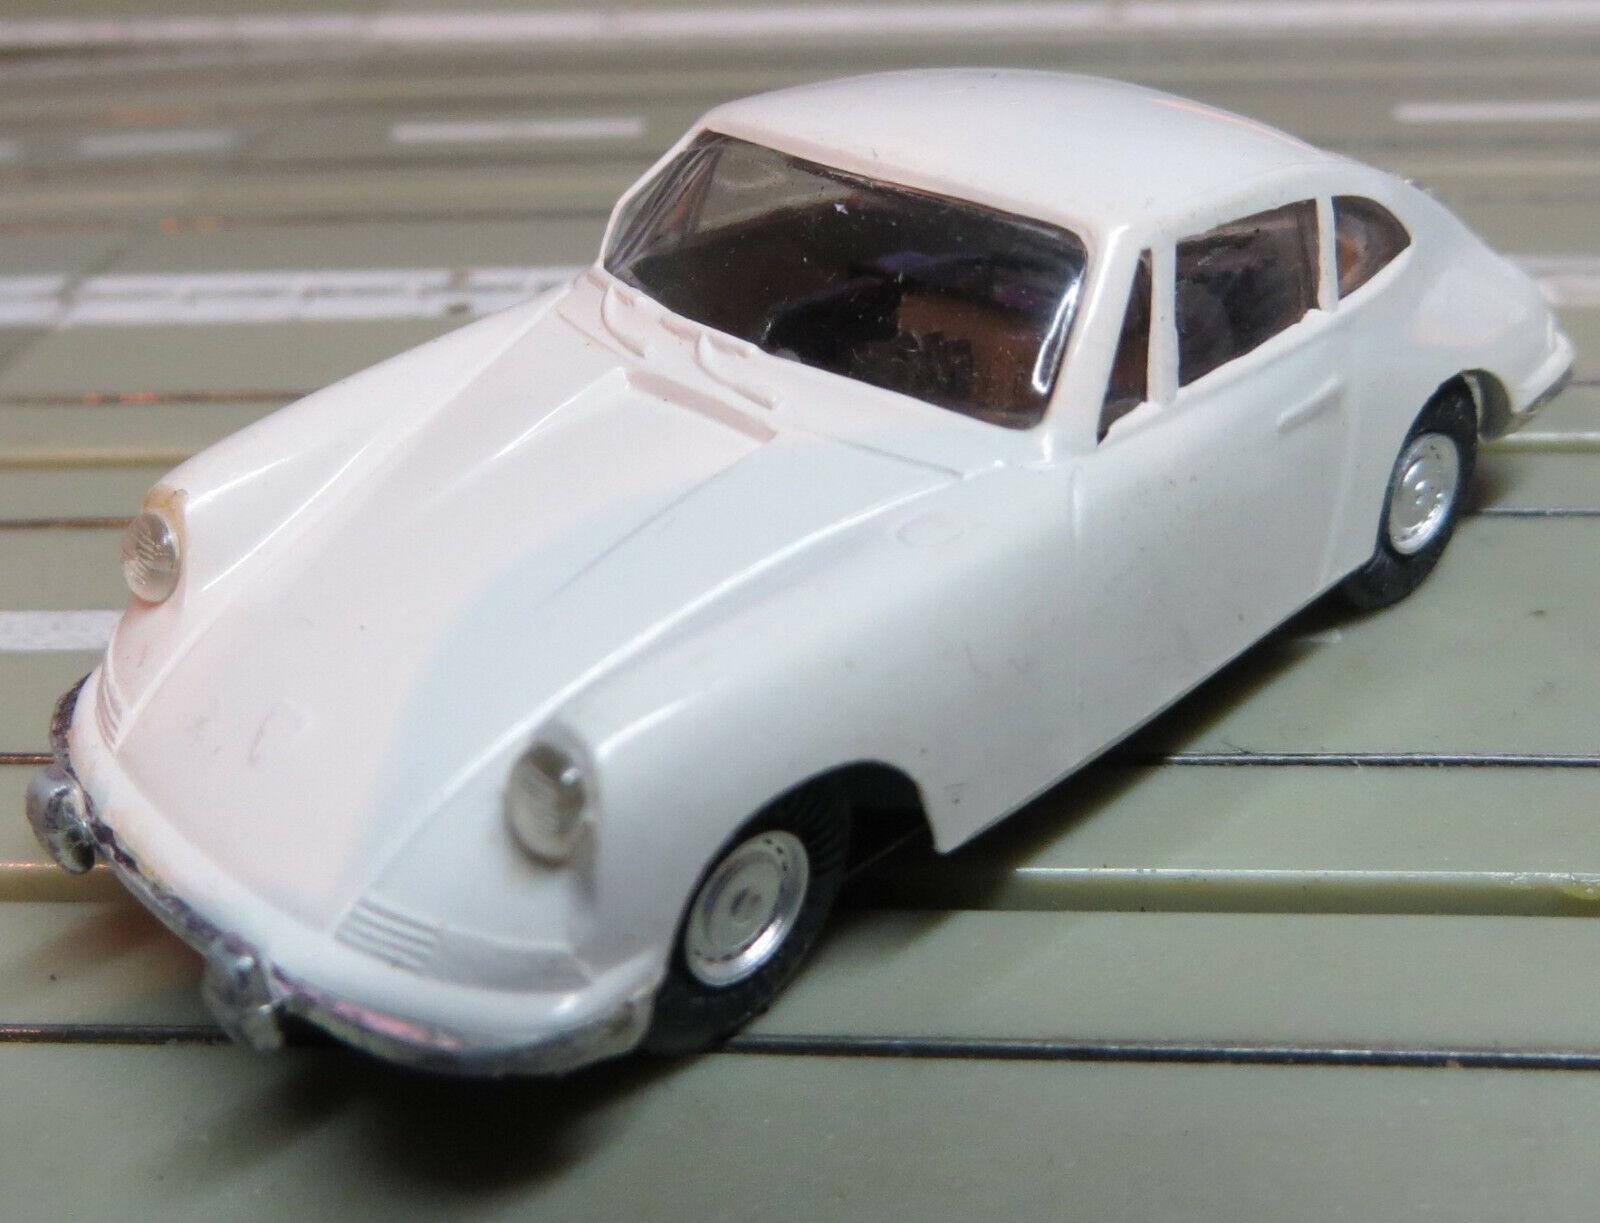 spedizione gratuita! Ftuttier Ams -- Porsche 911 con Motore Motore Motore Piatto Armatura + 4 Nuovo Repro Ruote  alta qualità generale